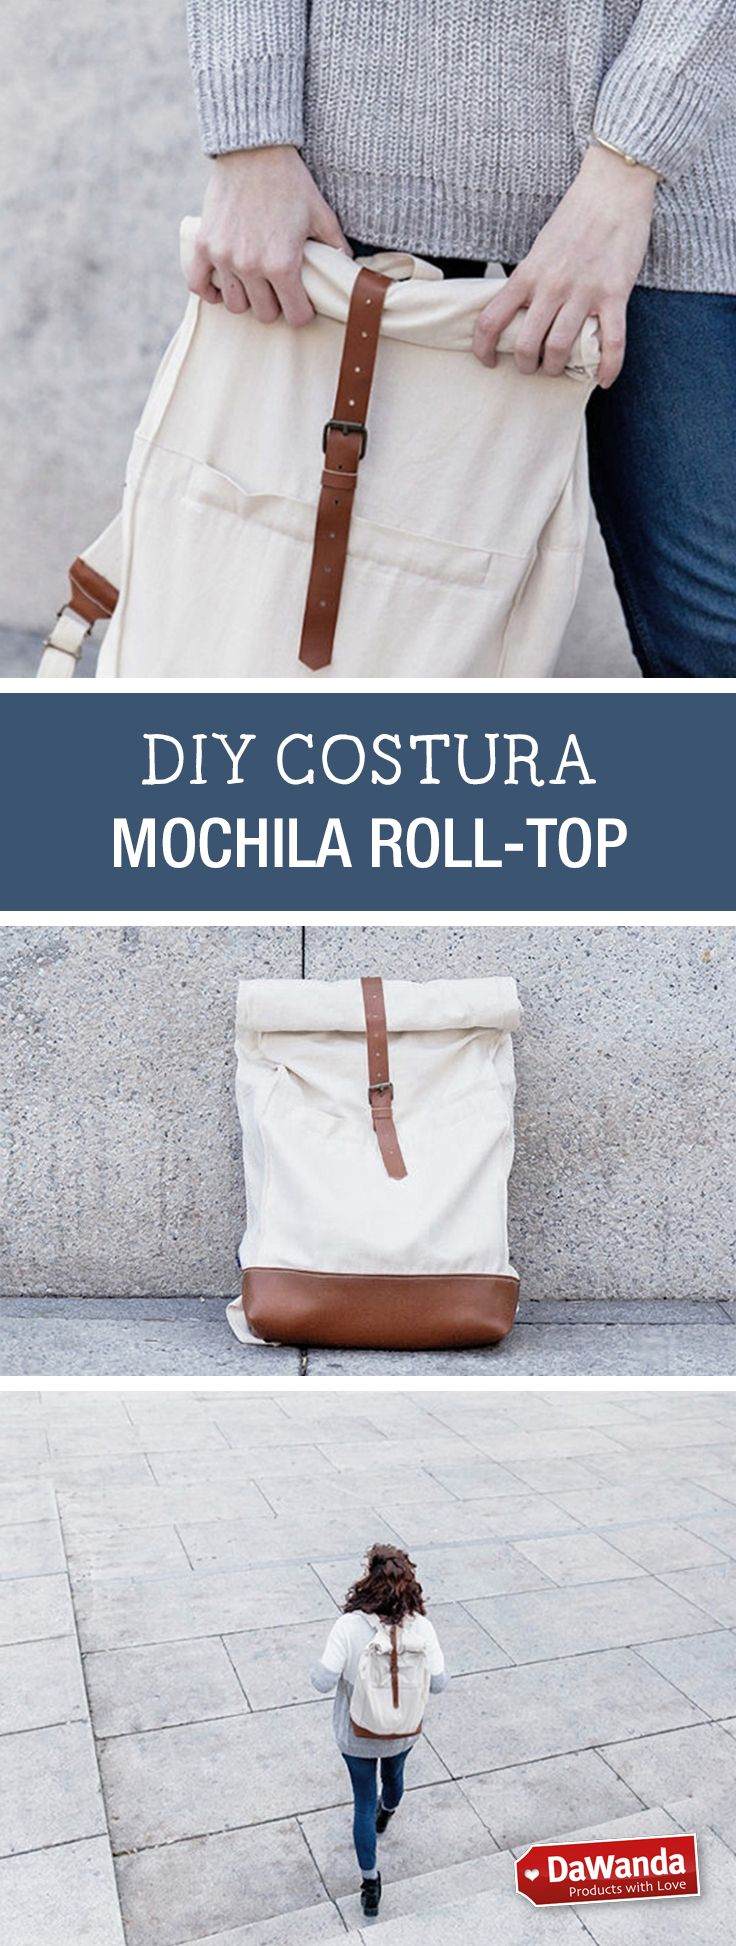 Tutorial DIY - CÓMO HACER UNA MOCHILA DE TELA ESTILO ROLL-TOP en DaWanda.es